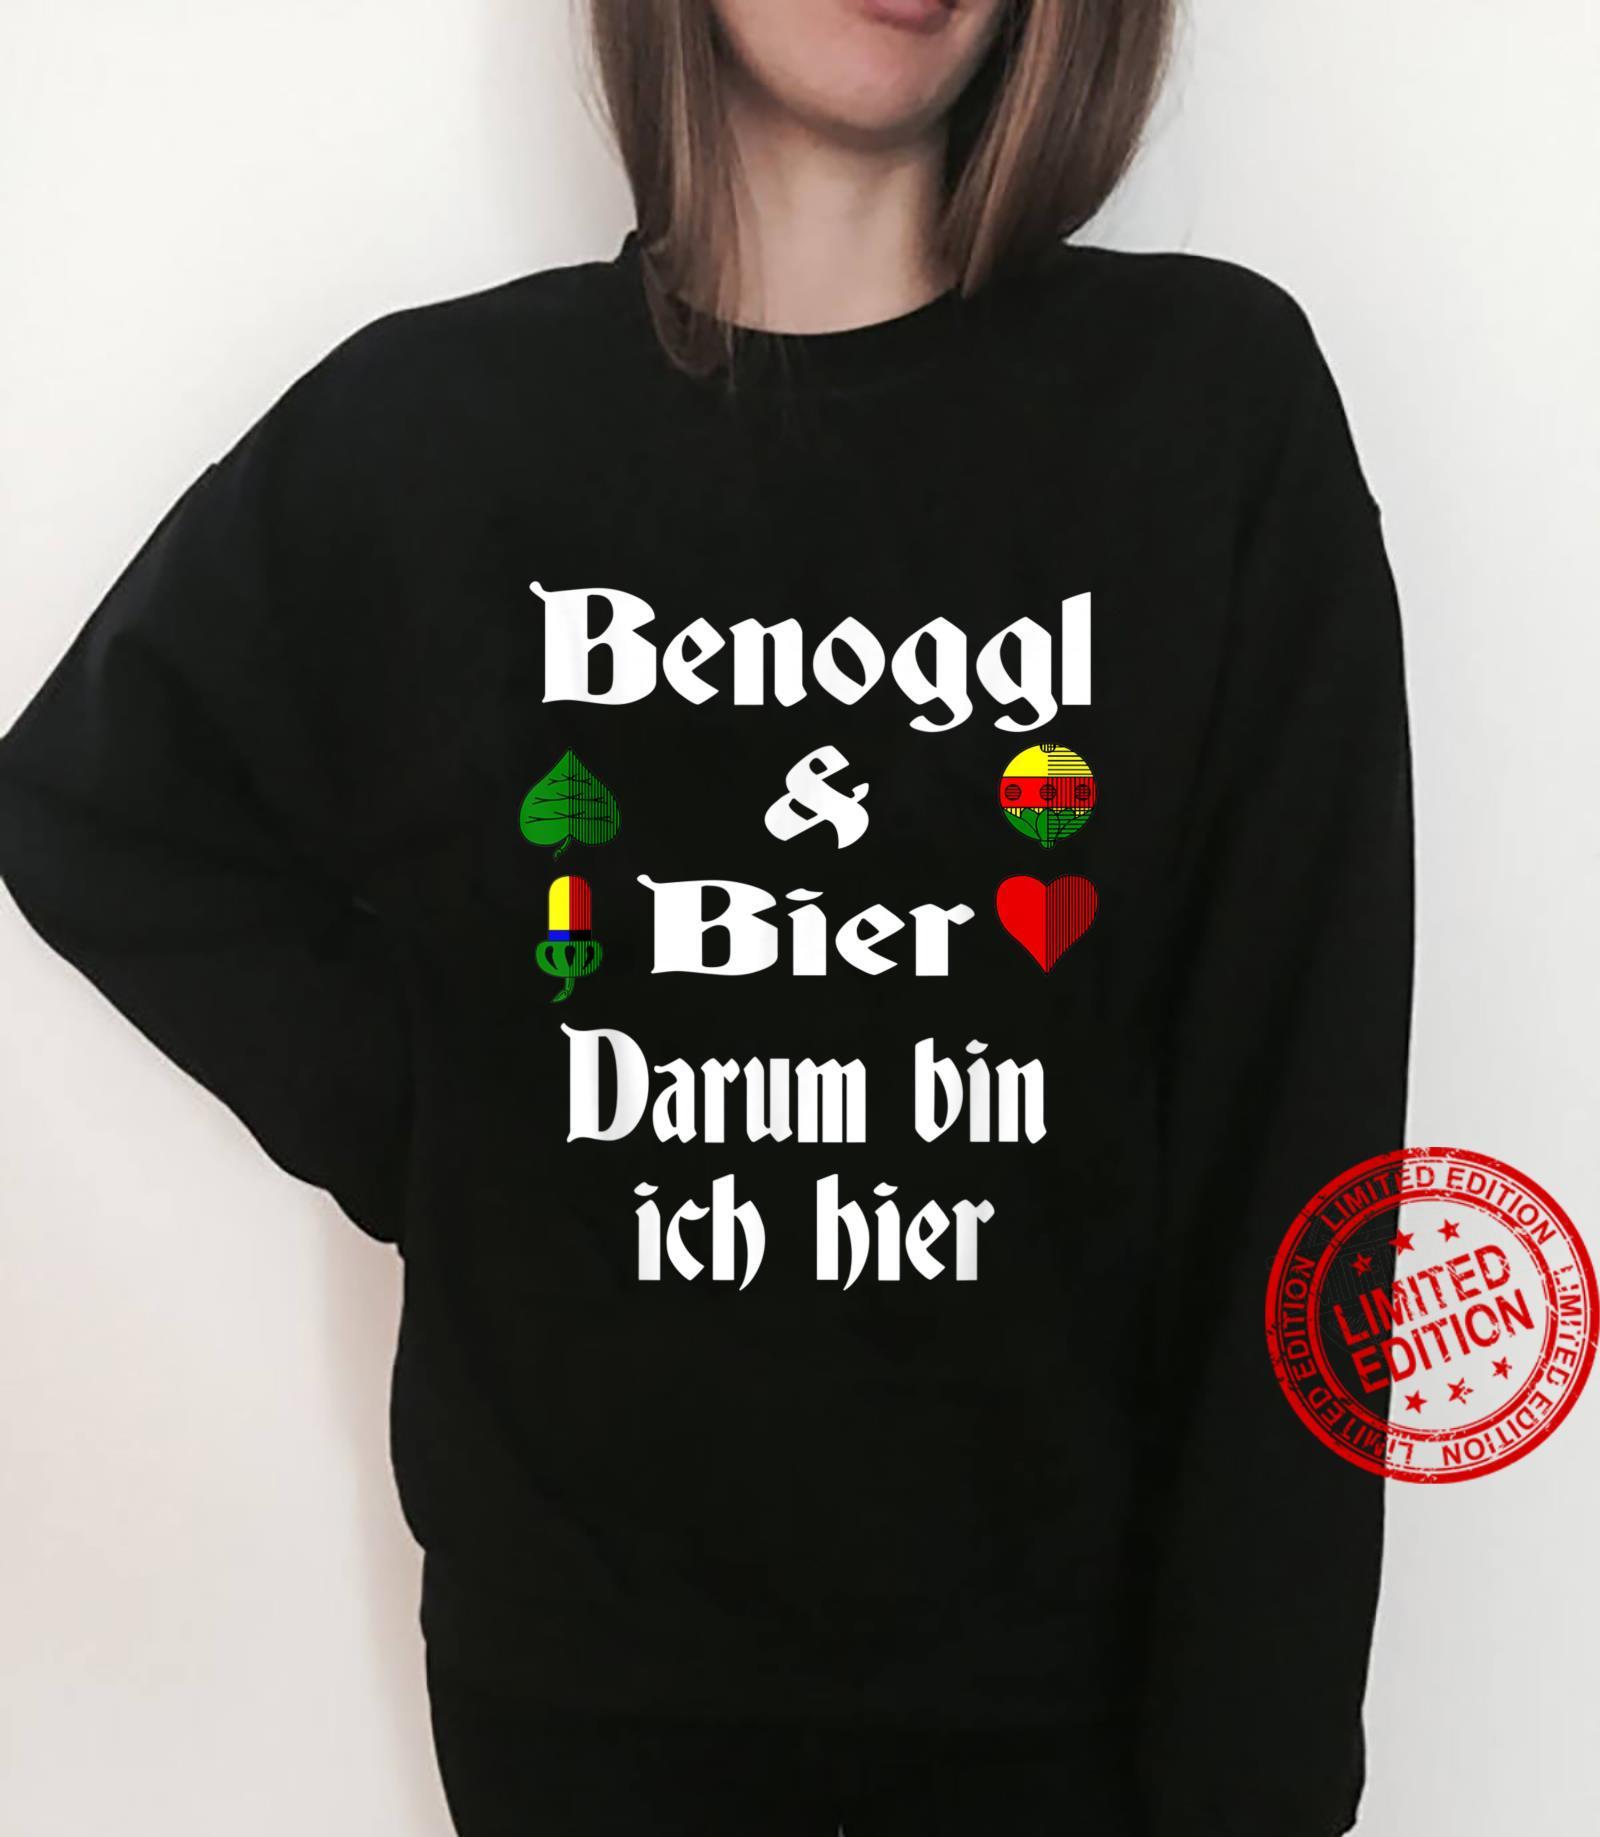 Binokel Binokelspieler schwäbisch Schwabe Bier Benoggl Shirt sweater